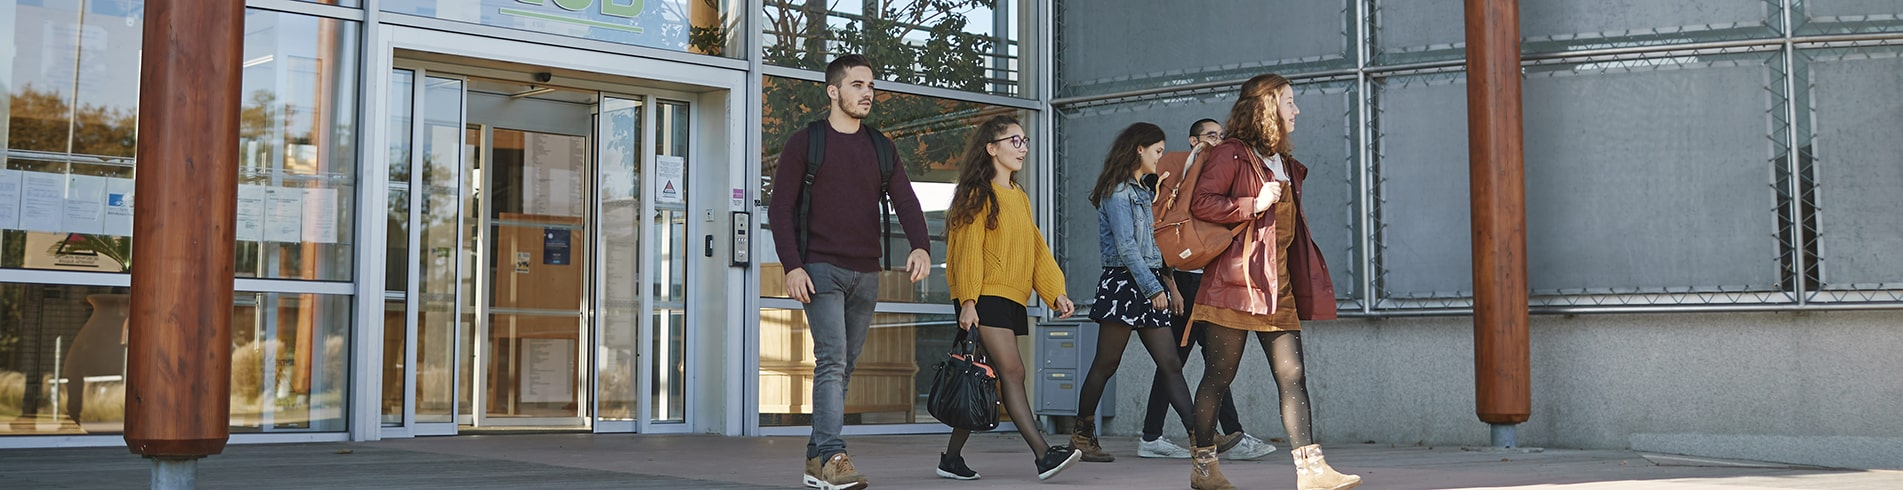 quatre etudiants sortent de cours